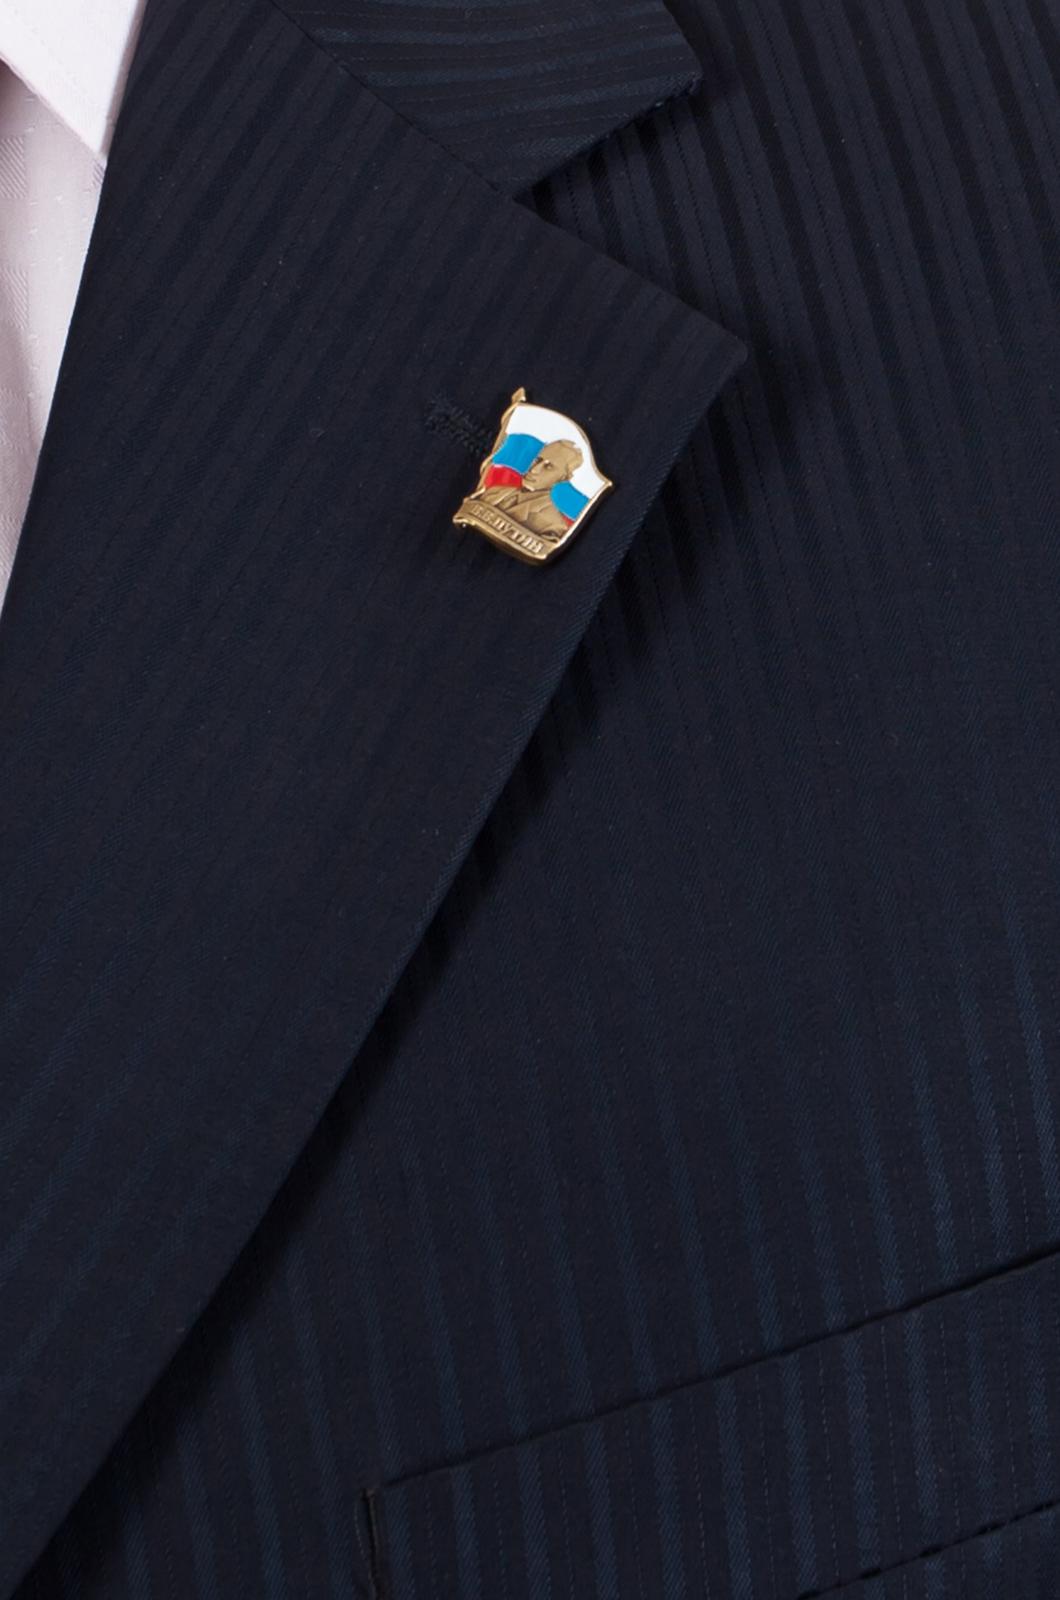 Фрачник с Путиным-вид на примере увеличенный размер